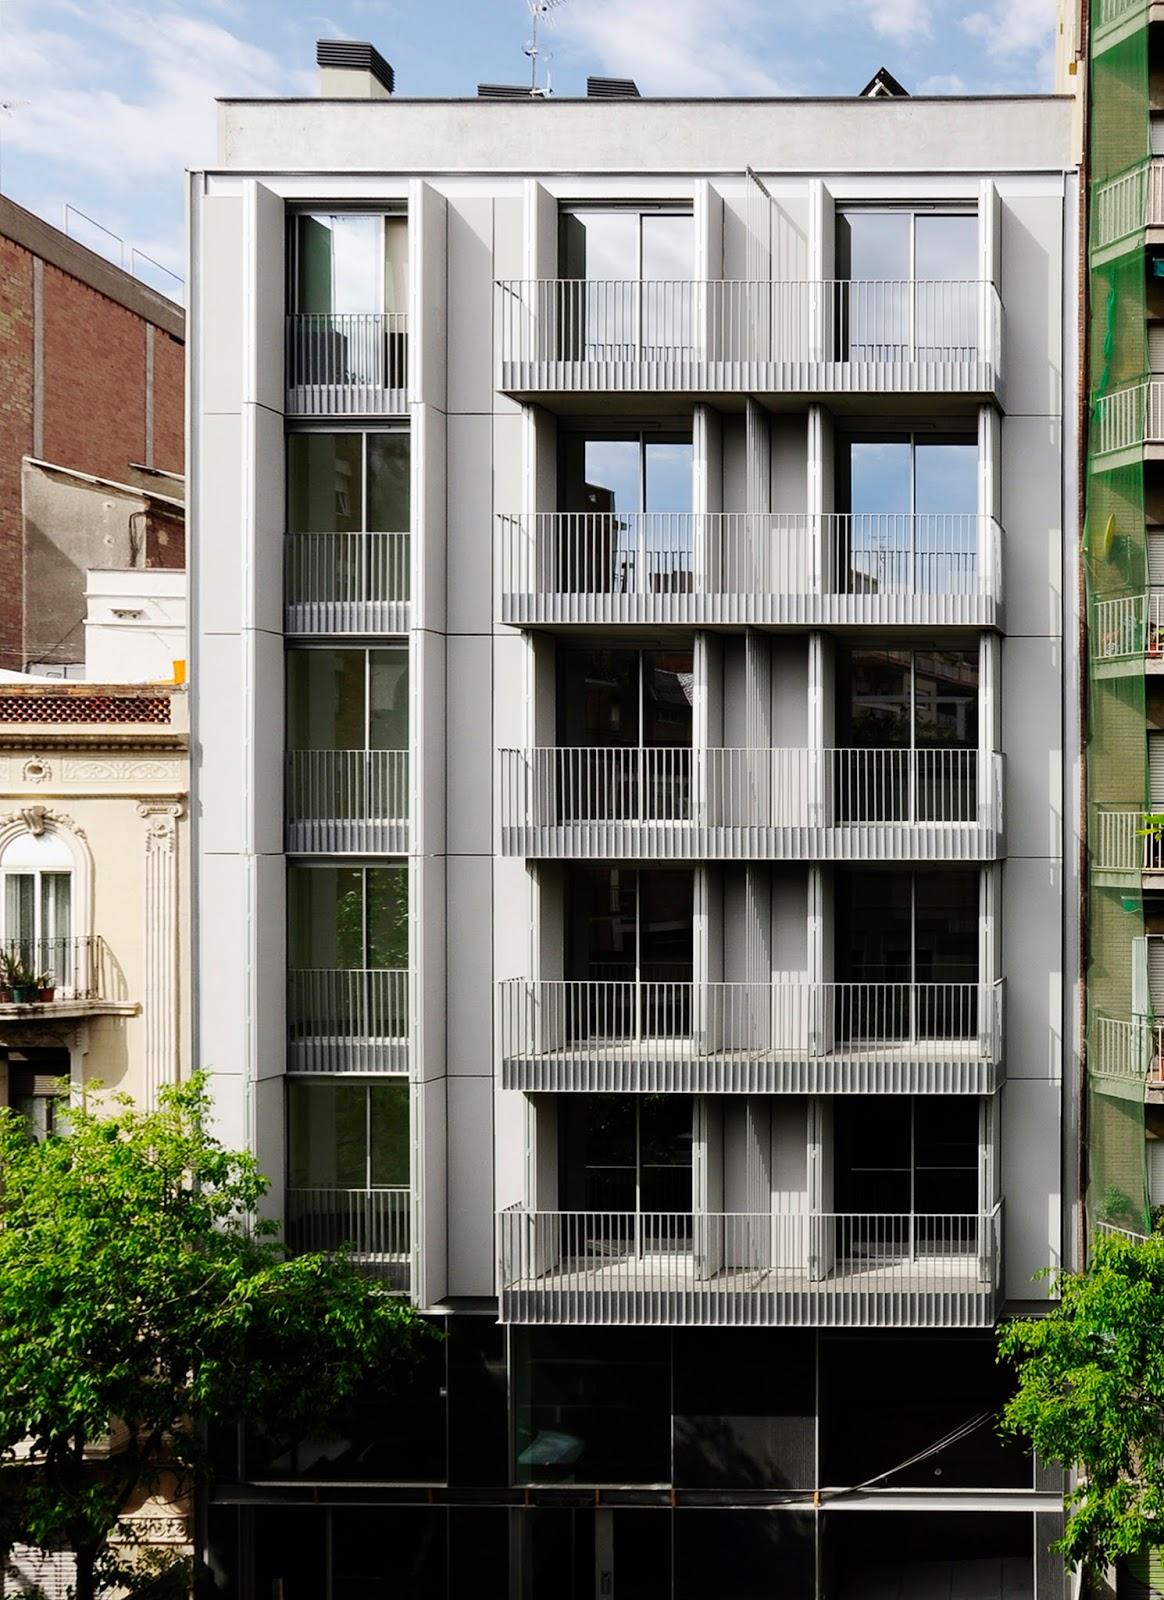 Un edificio con fachada textil ava studio blog for Blog arquitectura y diseno